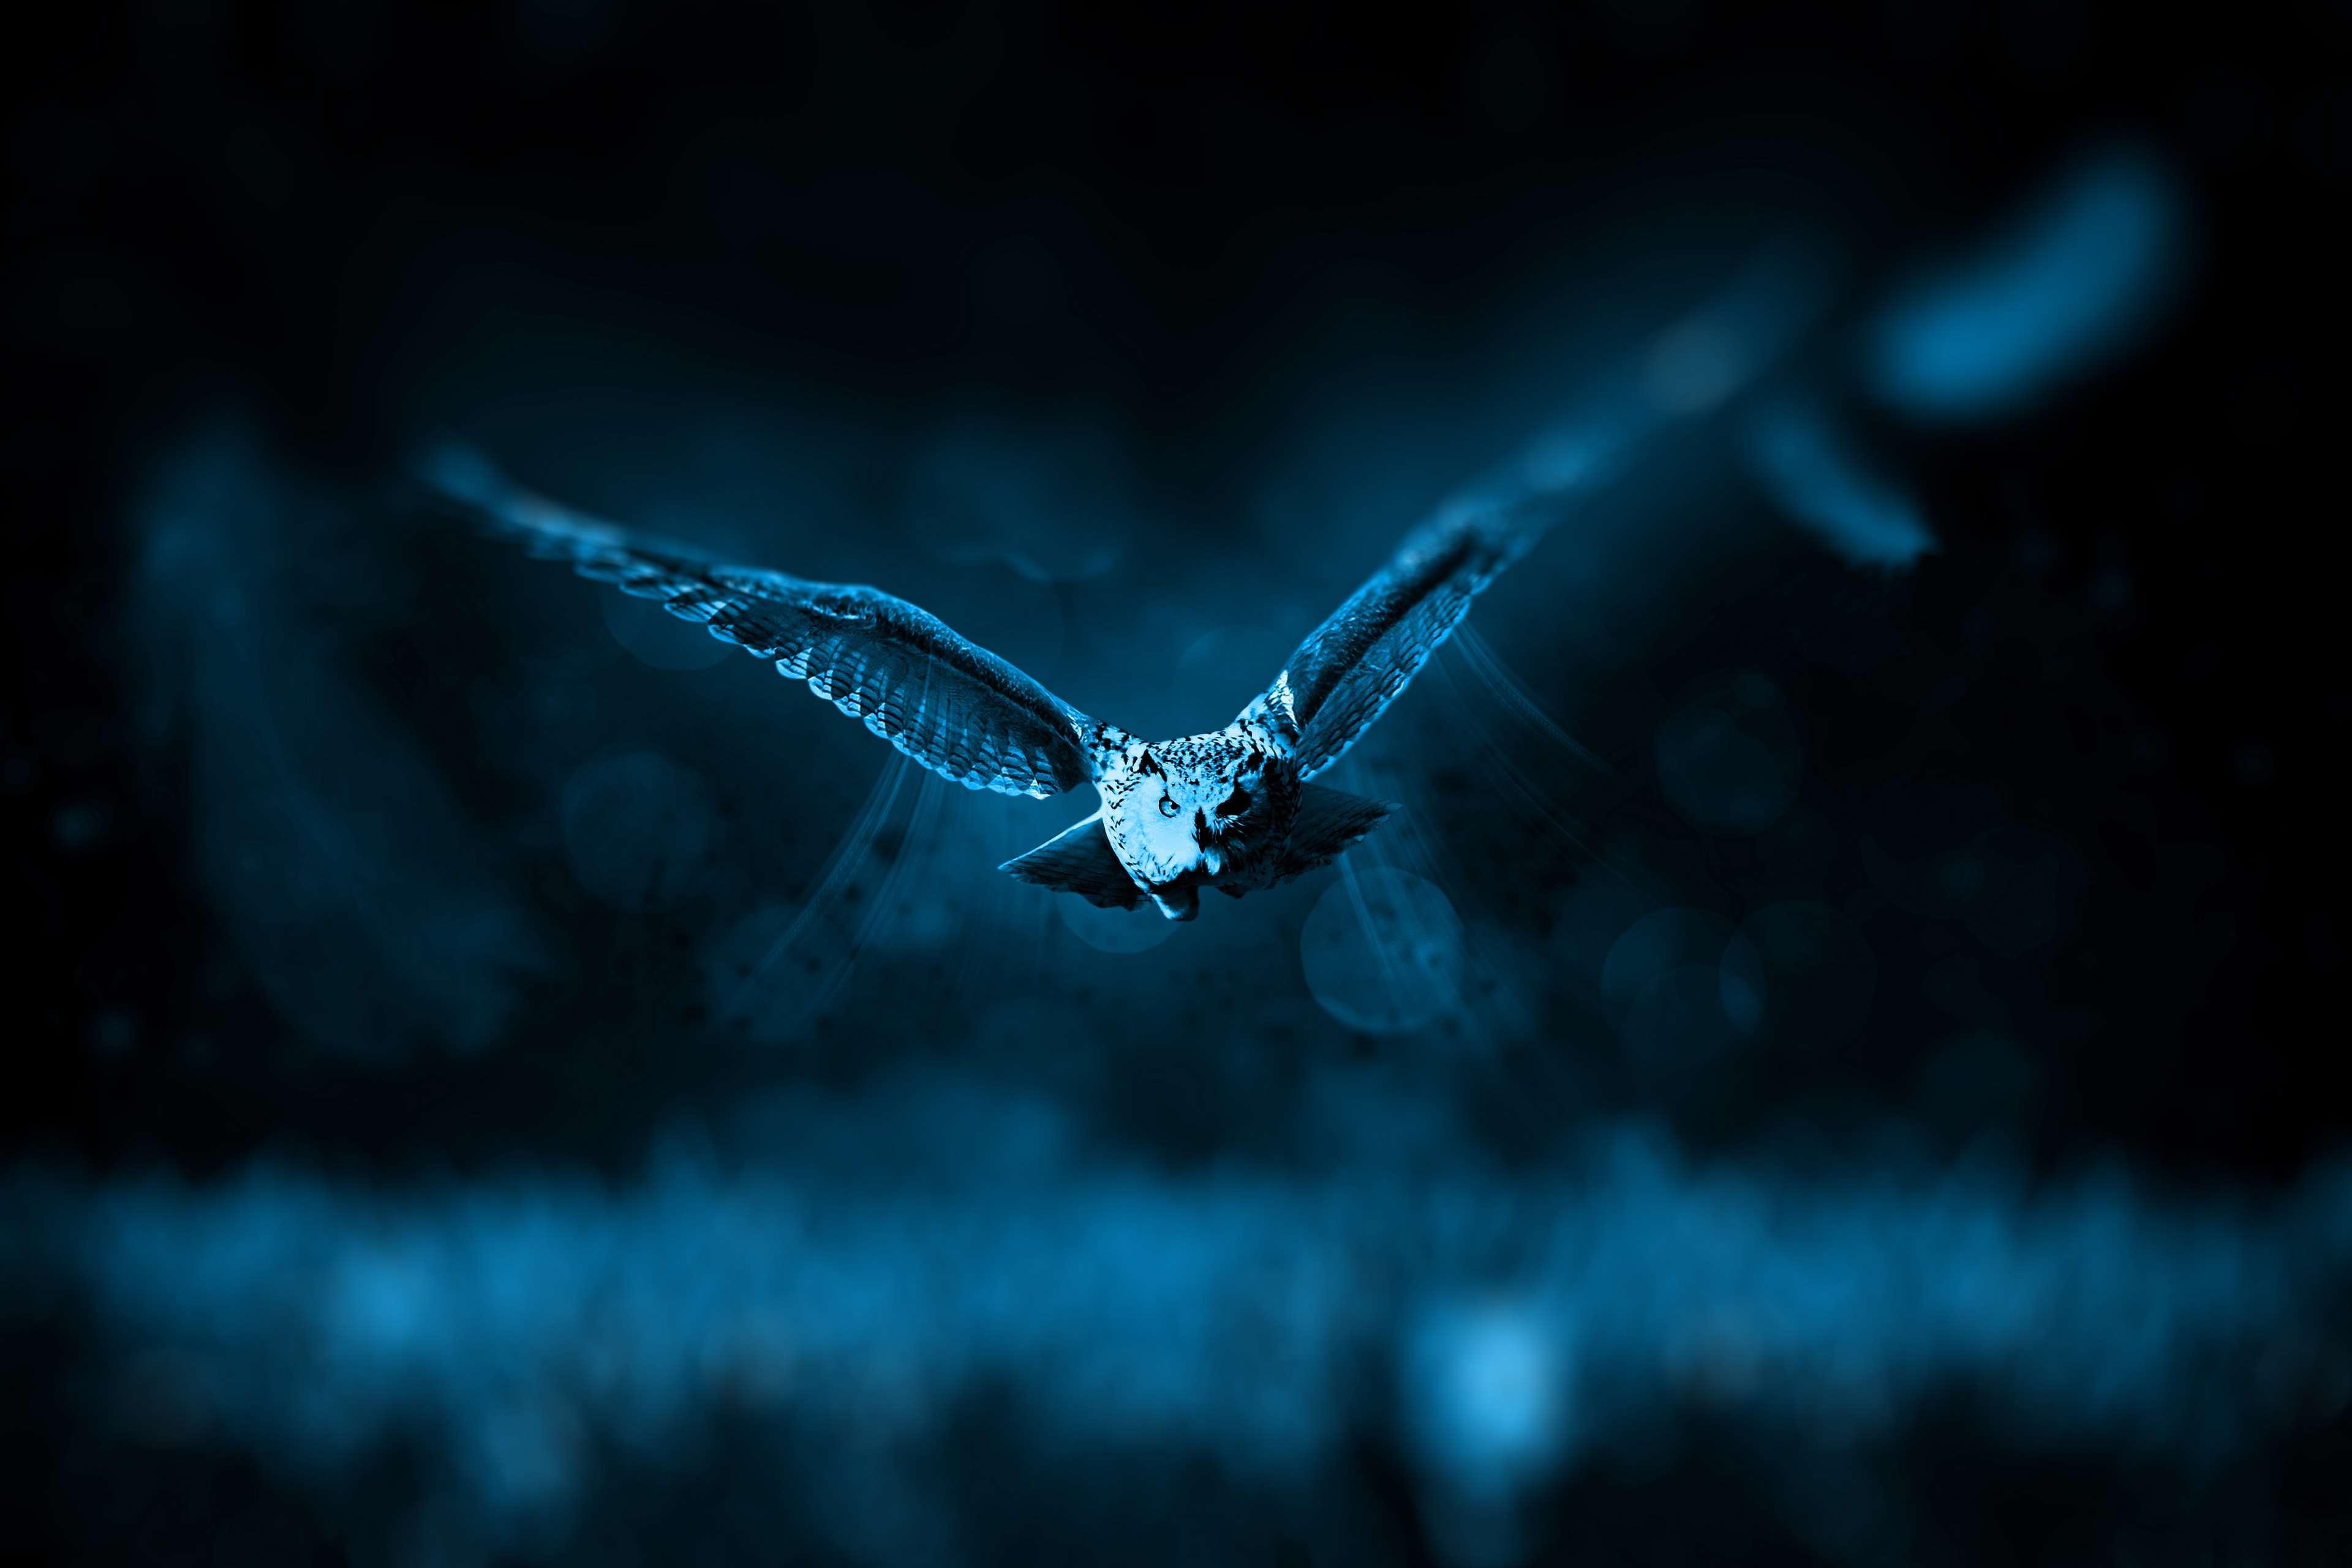 Animal Bird Dark Fly Night Owl Wild Animal 4k Fondo De